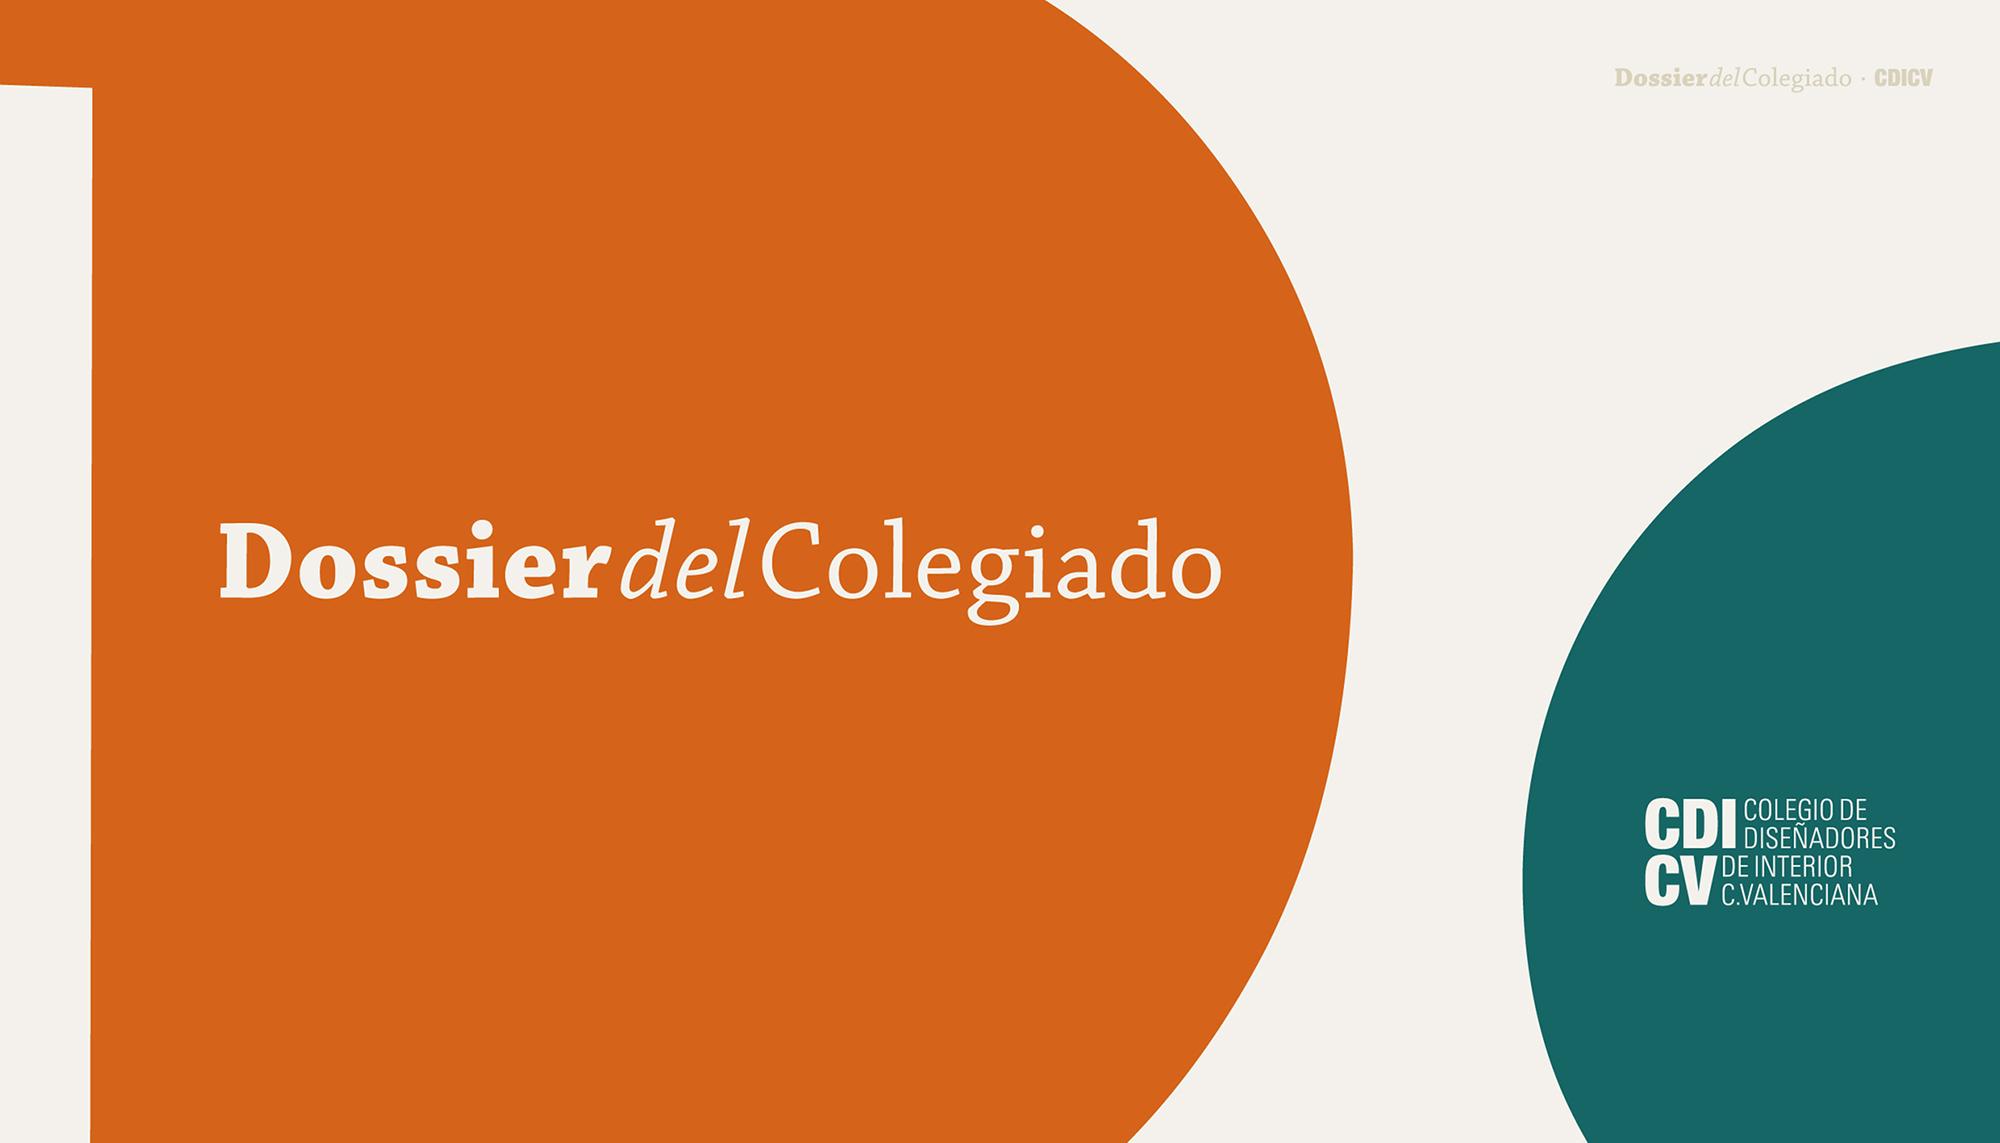 Proyecto de diseño gráfico para el CDICV. Dossier del Colegiado es un documento con toda la información relevante para miembros del Colegio Oficial de Diseñadores de Interior de la Comunidad Valenciana. Con el patrocinio de Porcelanosa, Empresa EAD.